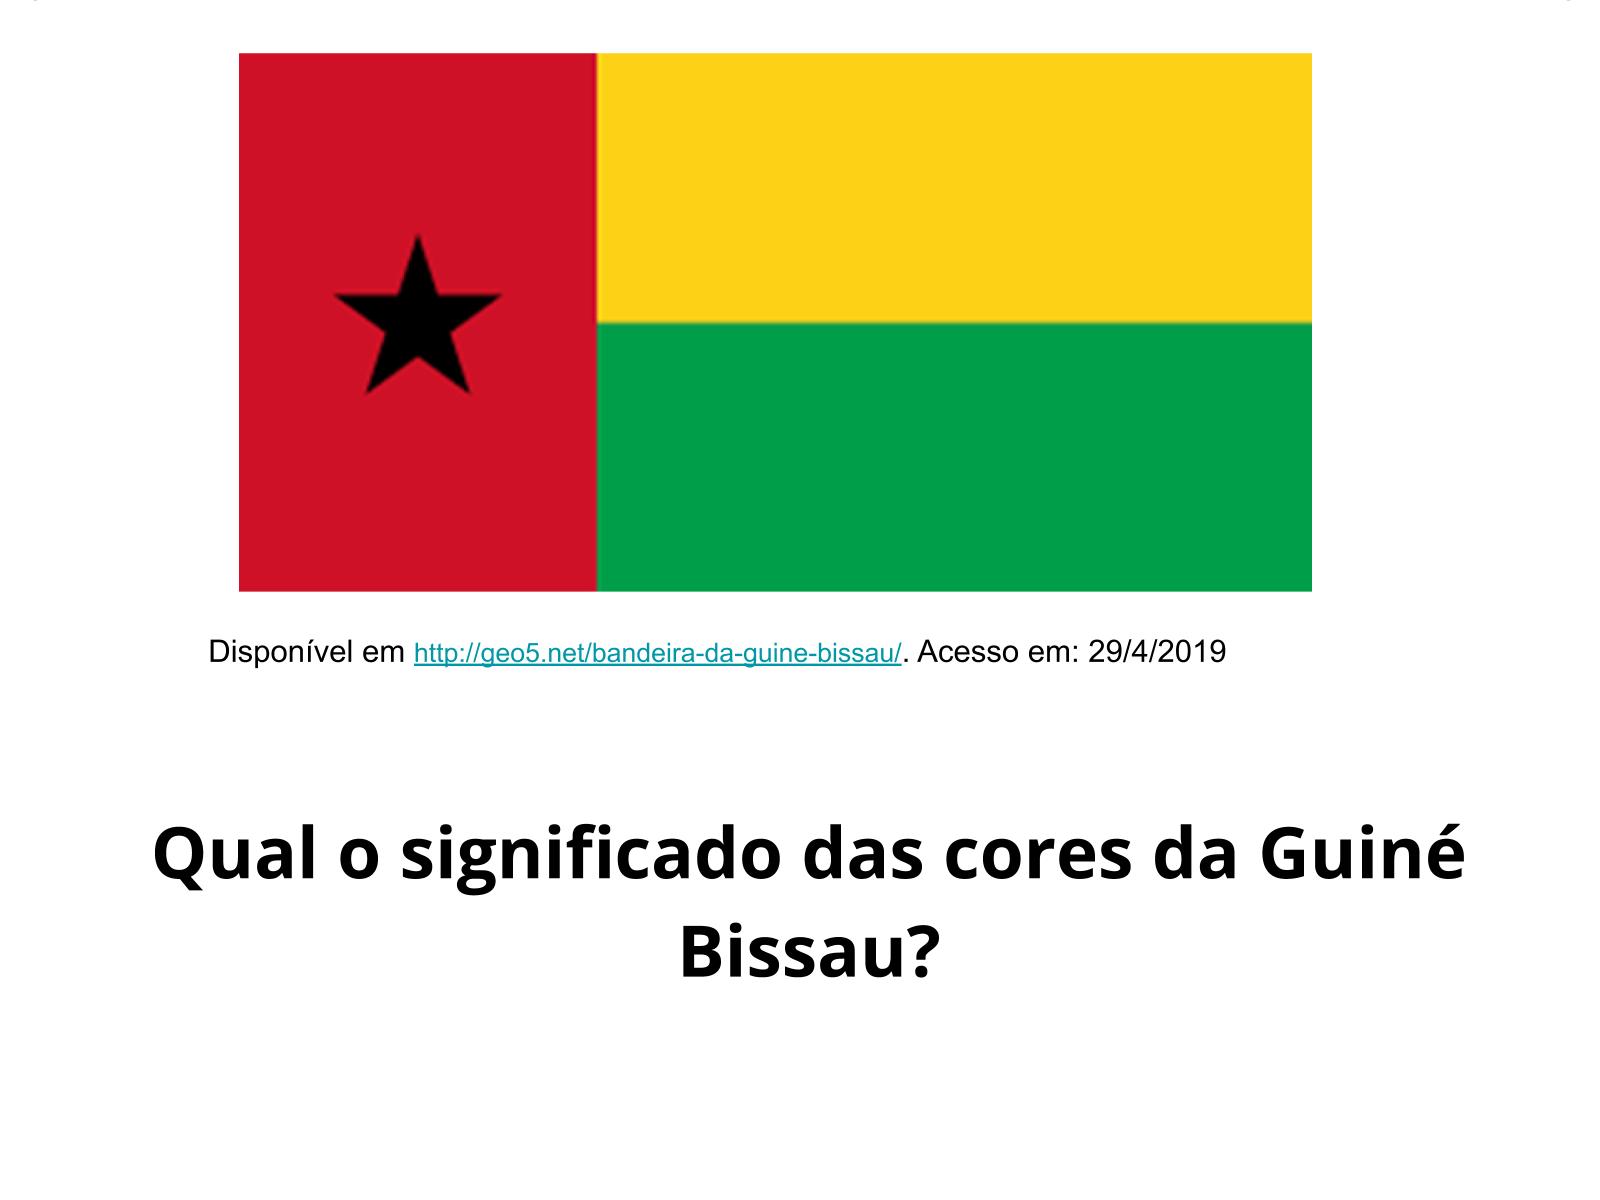 Guiné-Bissau: uma bandeira, uma luta